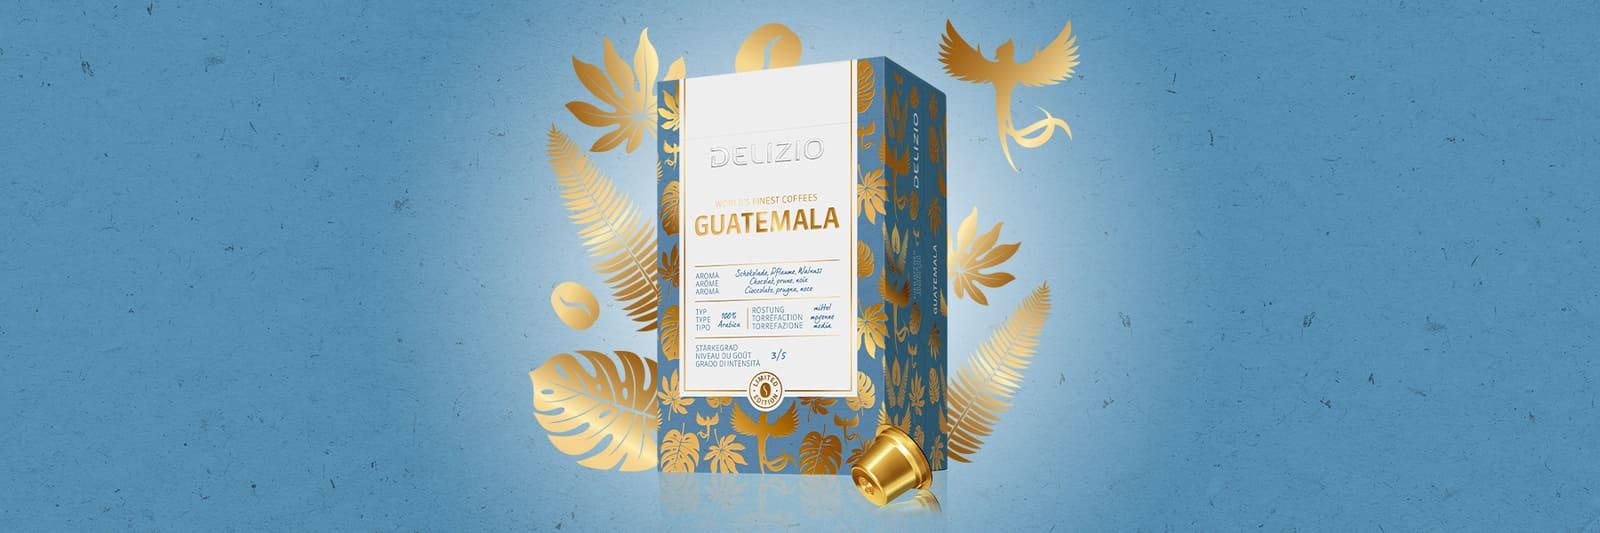 Delizio Guatemala